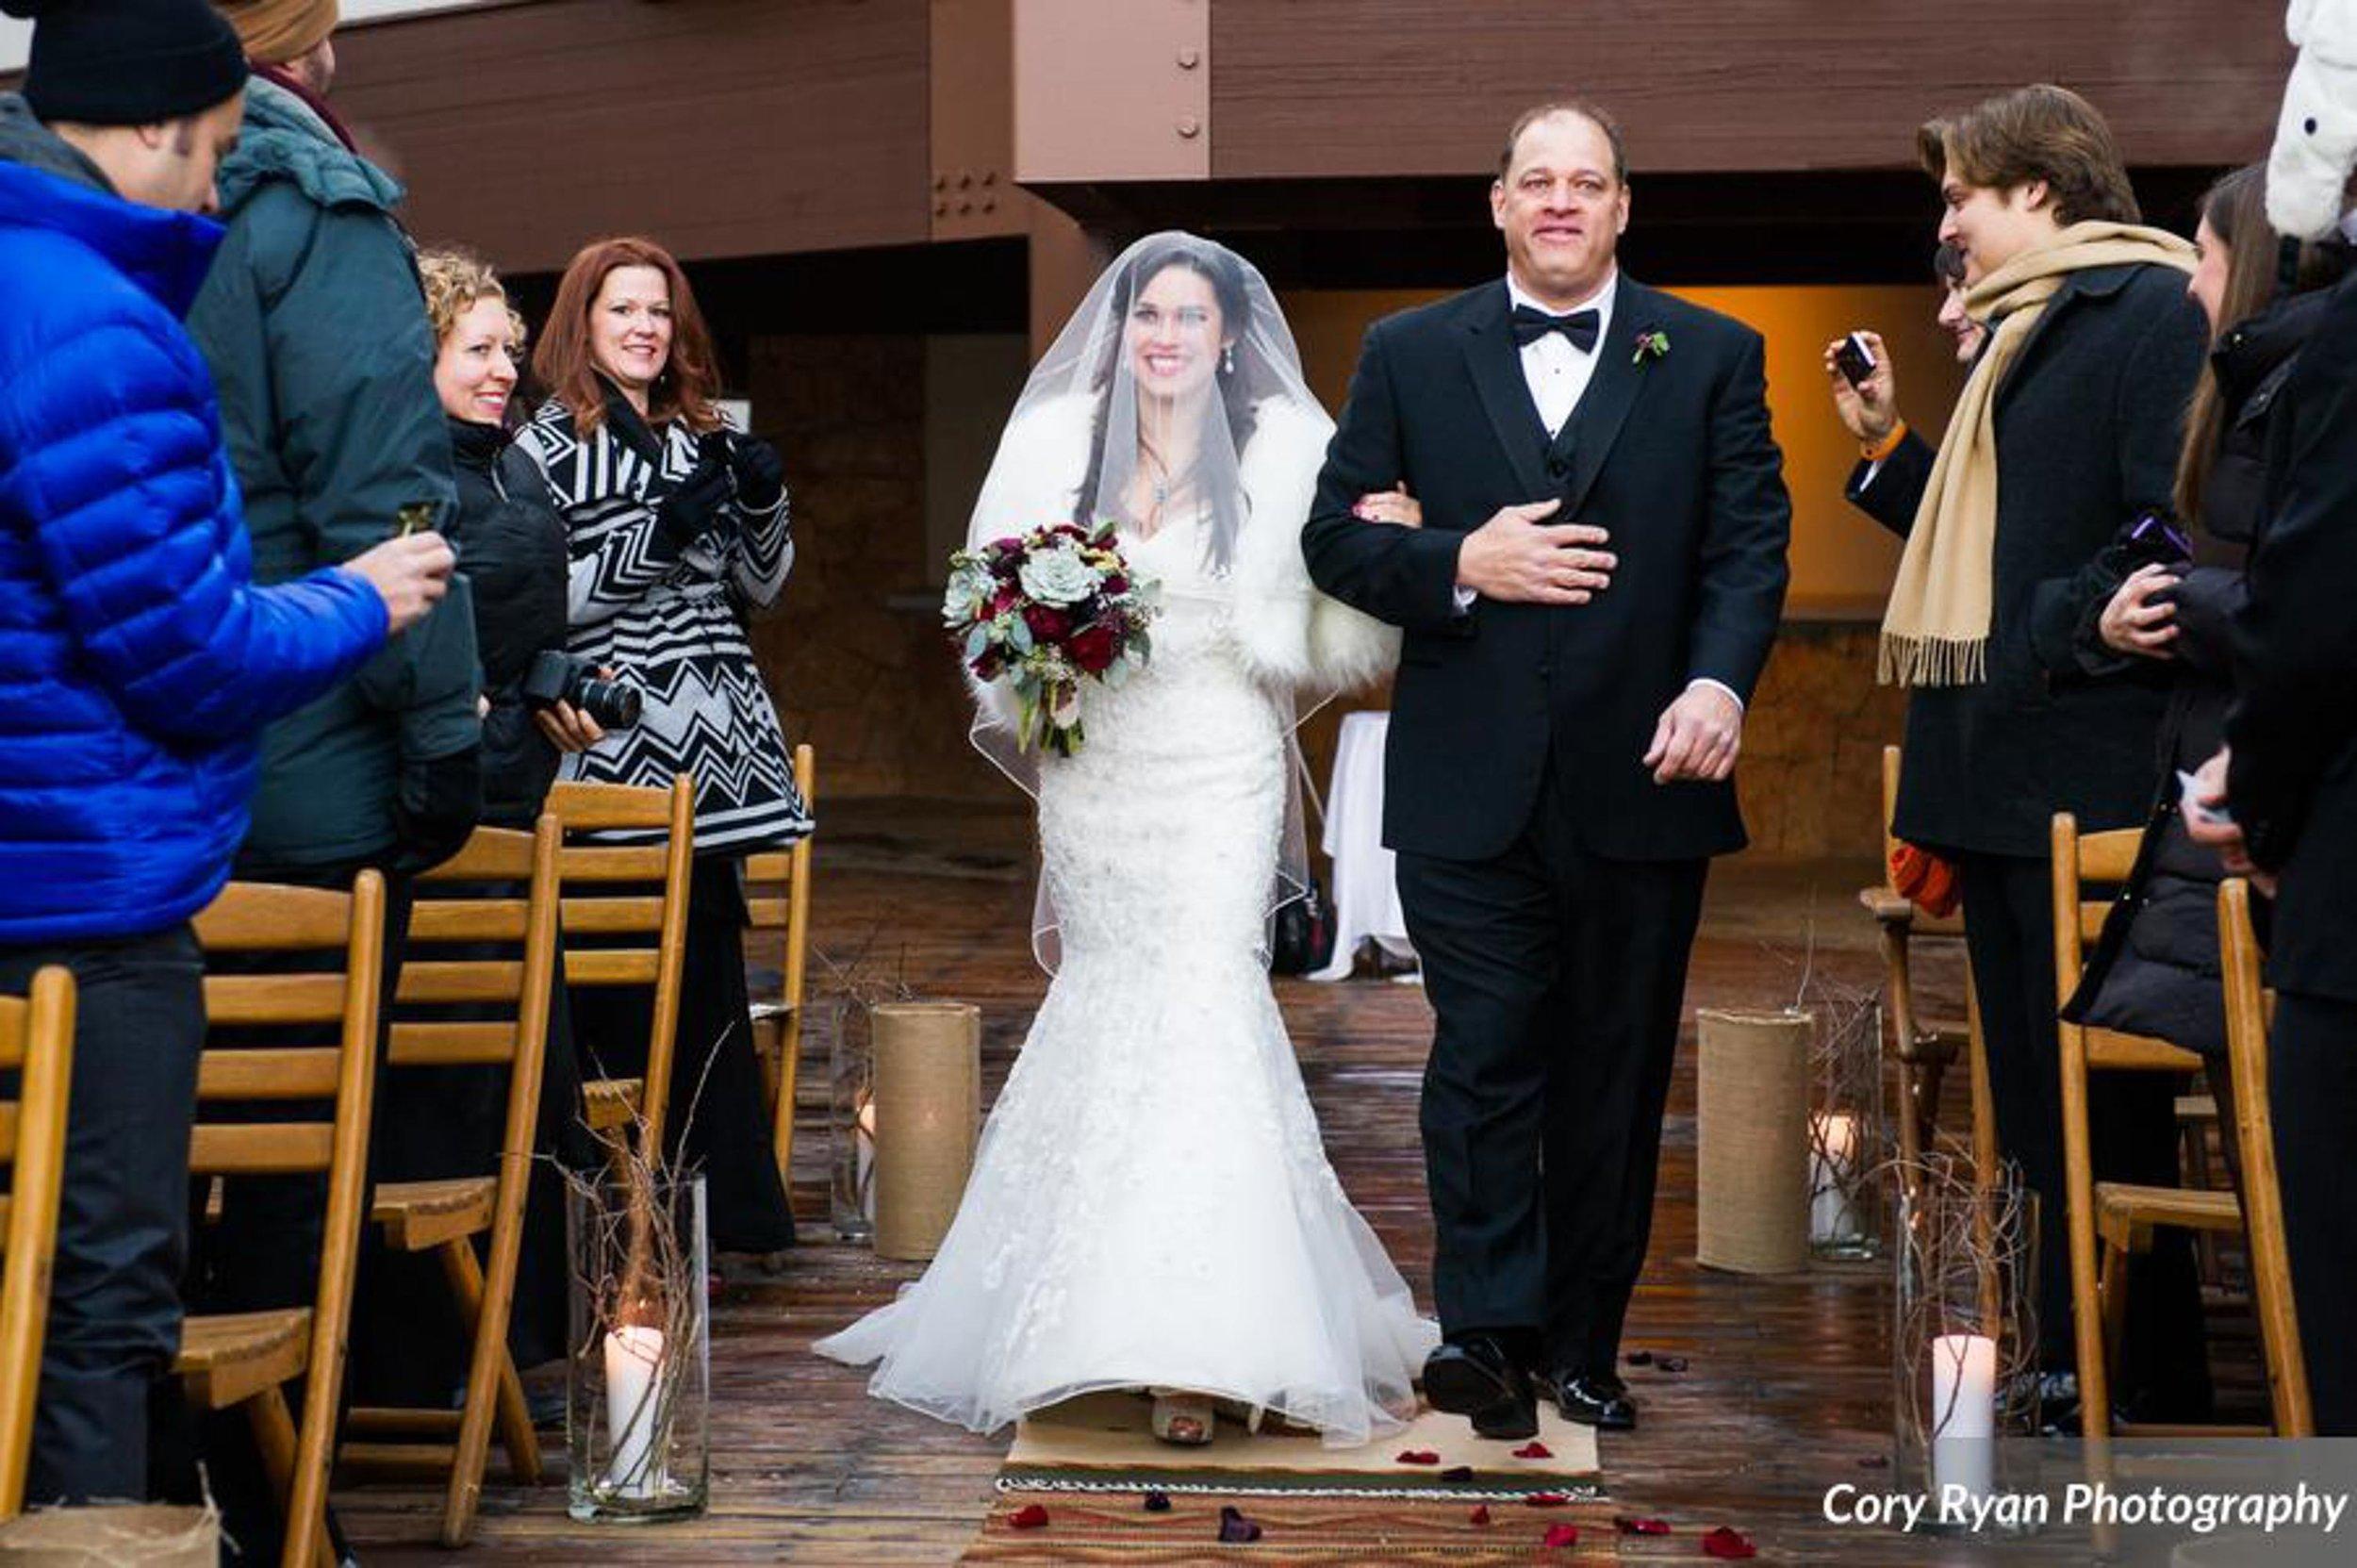 romantic winter wedding stein eriksen lodge-84.jpg